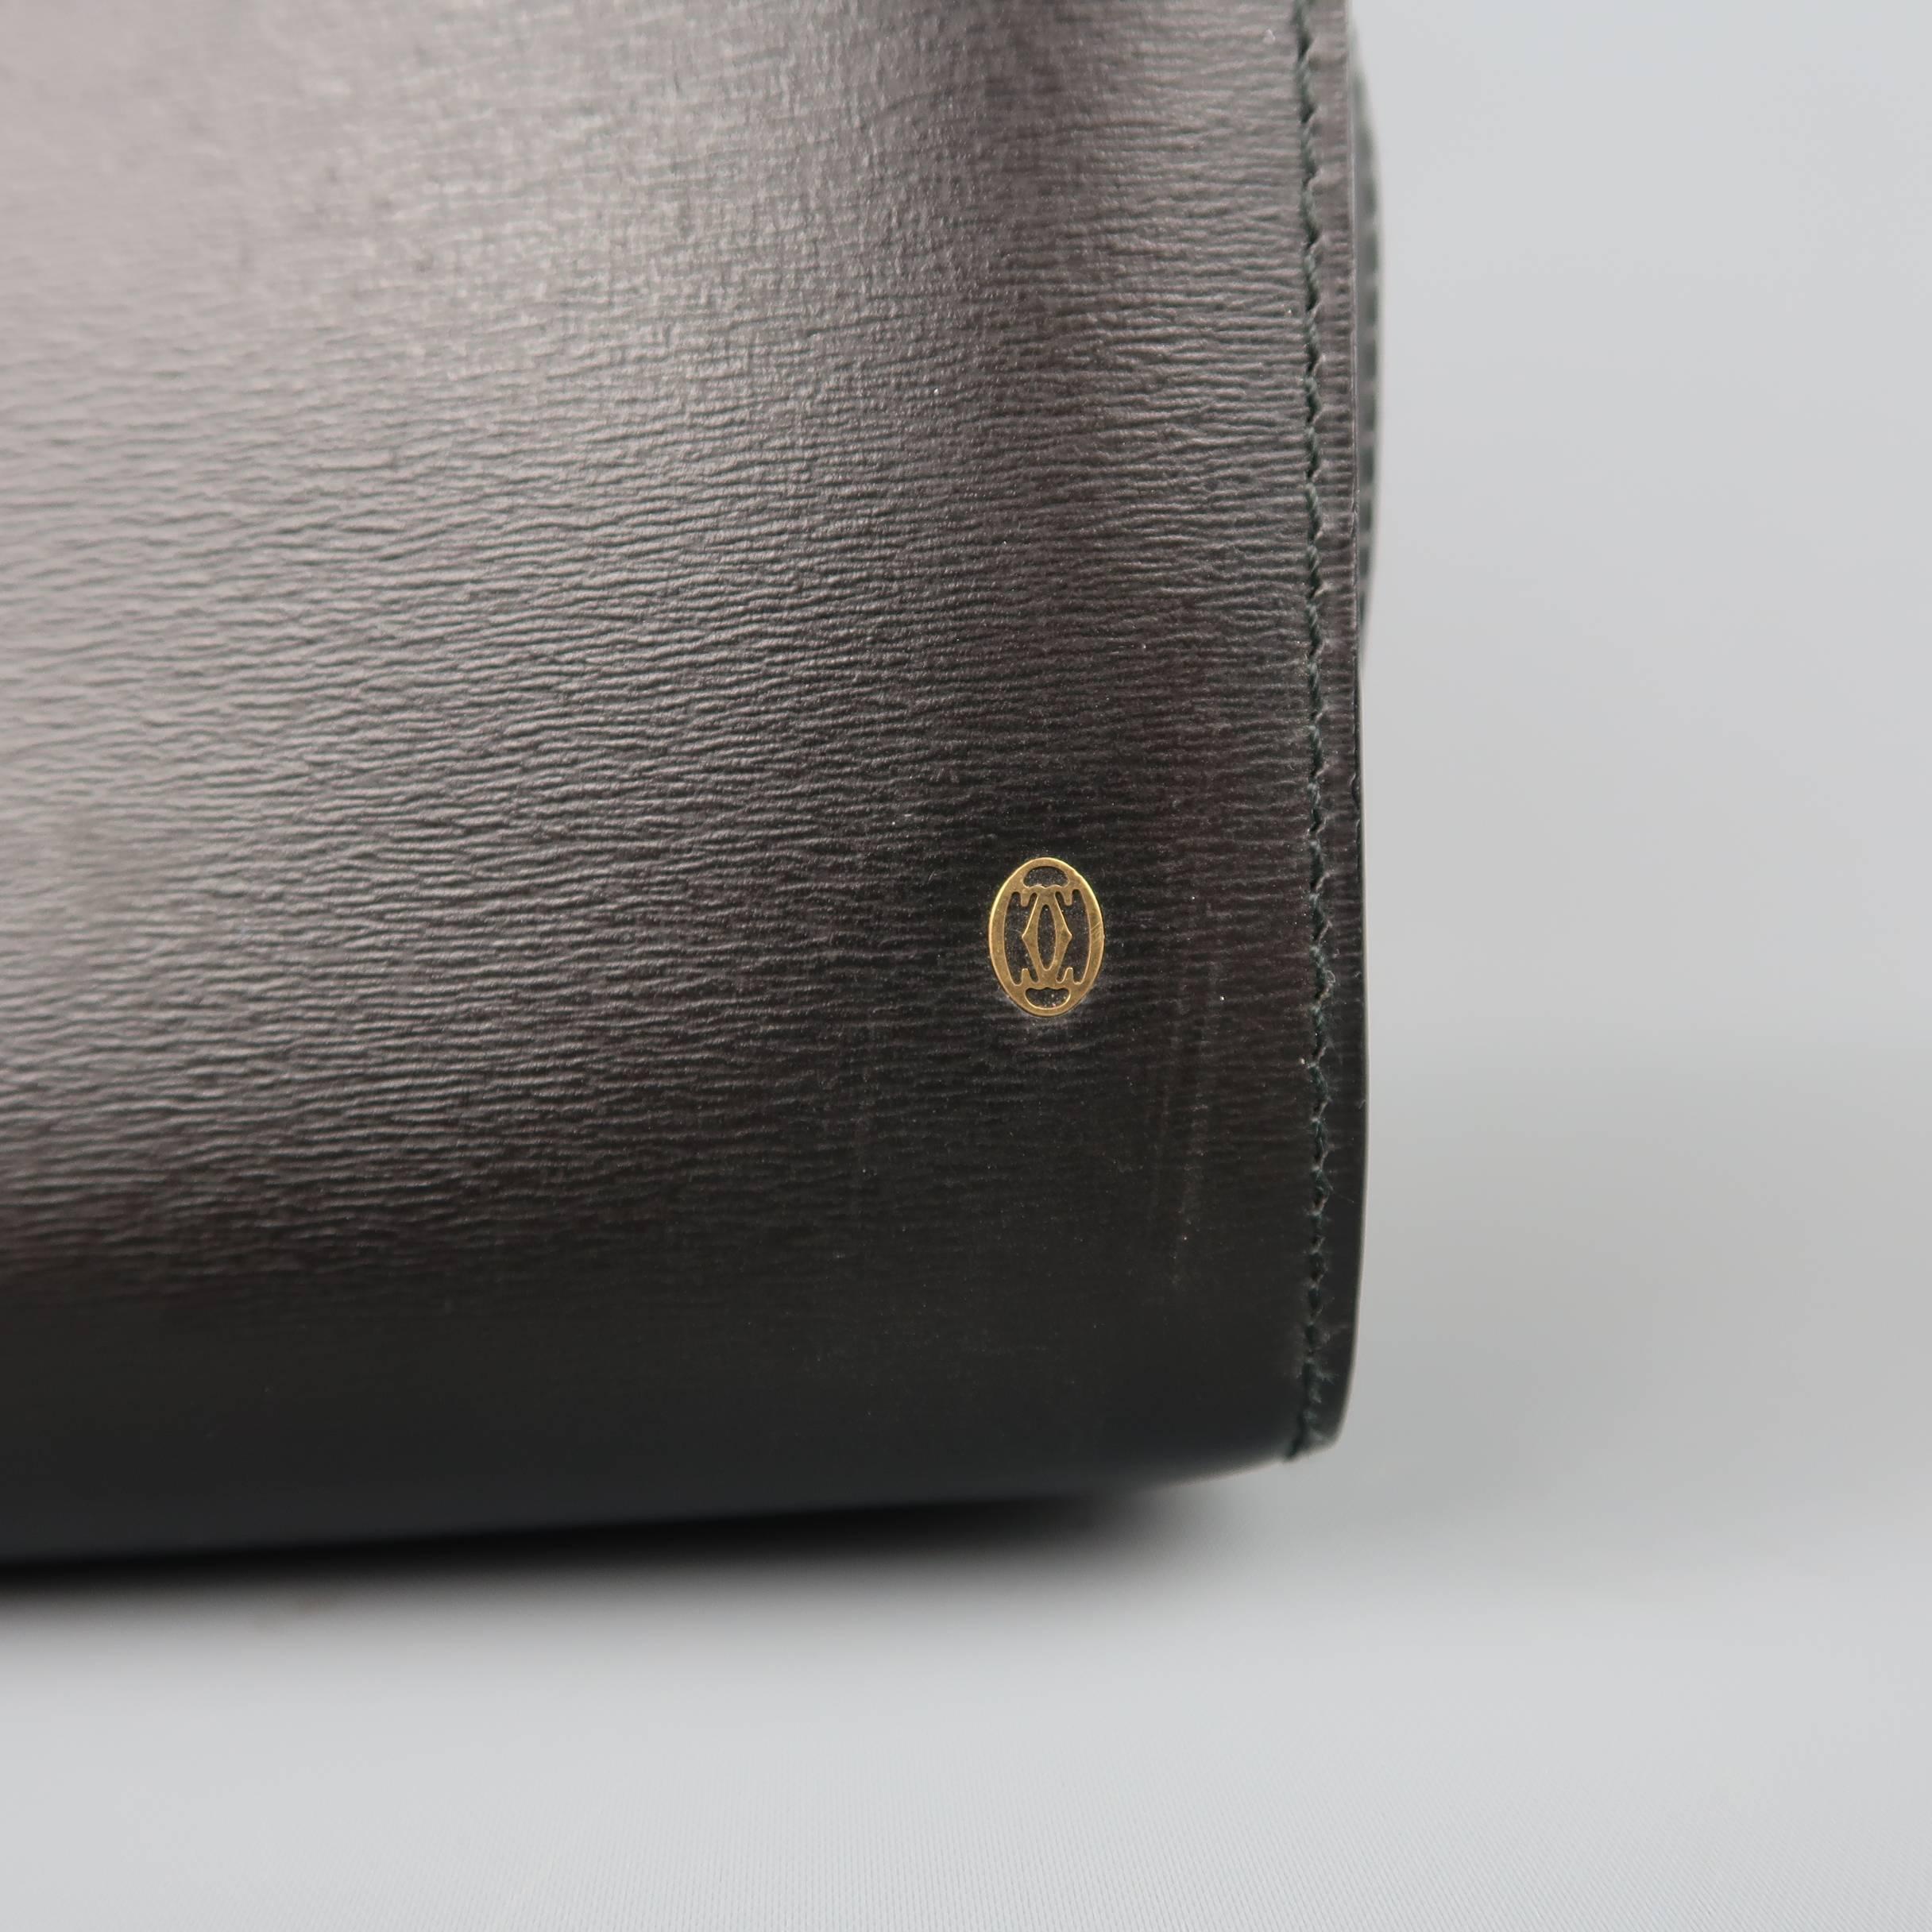 Cartier Vintage Cartier Black Leather Wristlet Travel Toiletry Clutch Bag urb9t9NfM